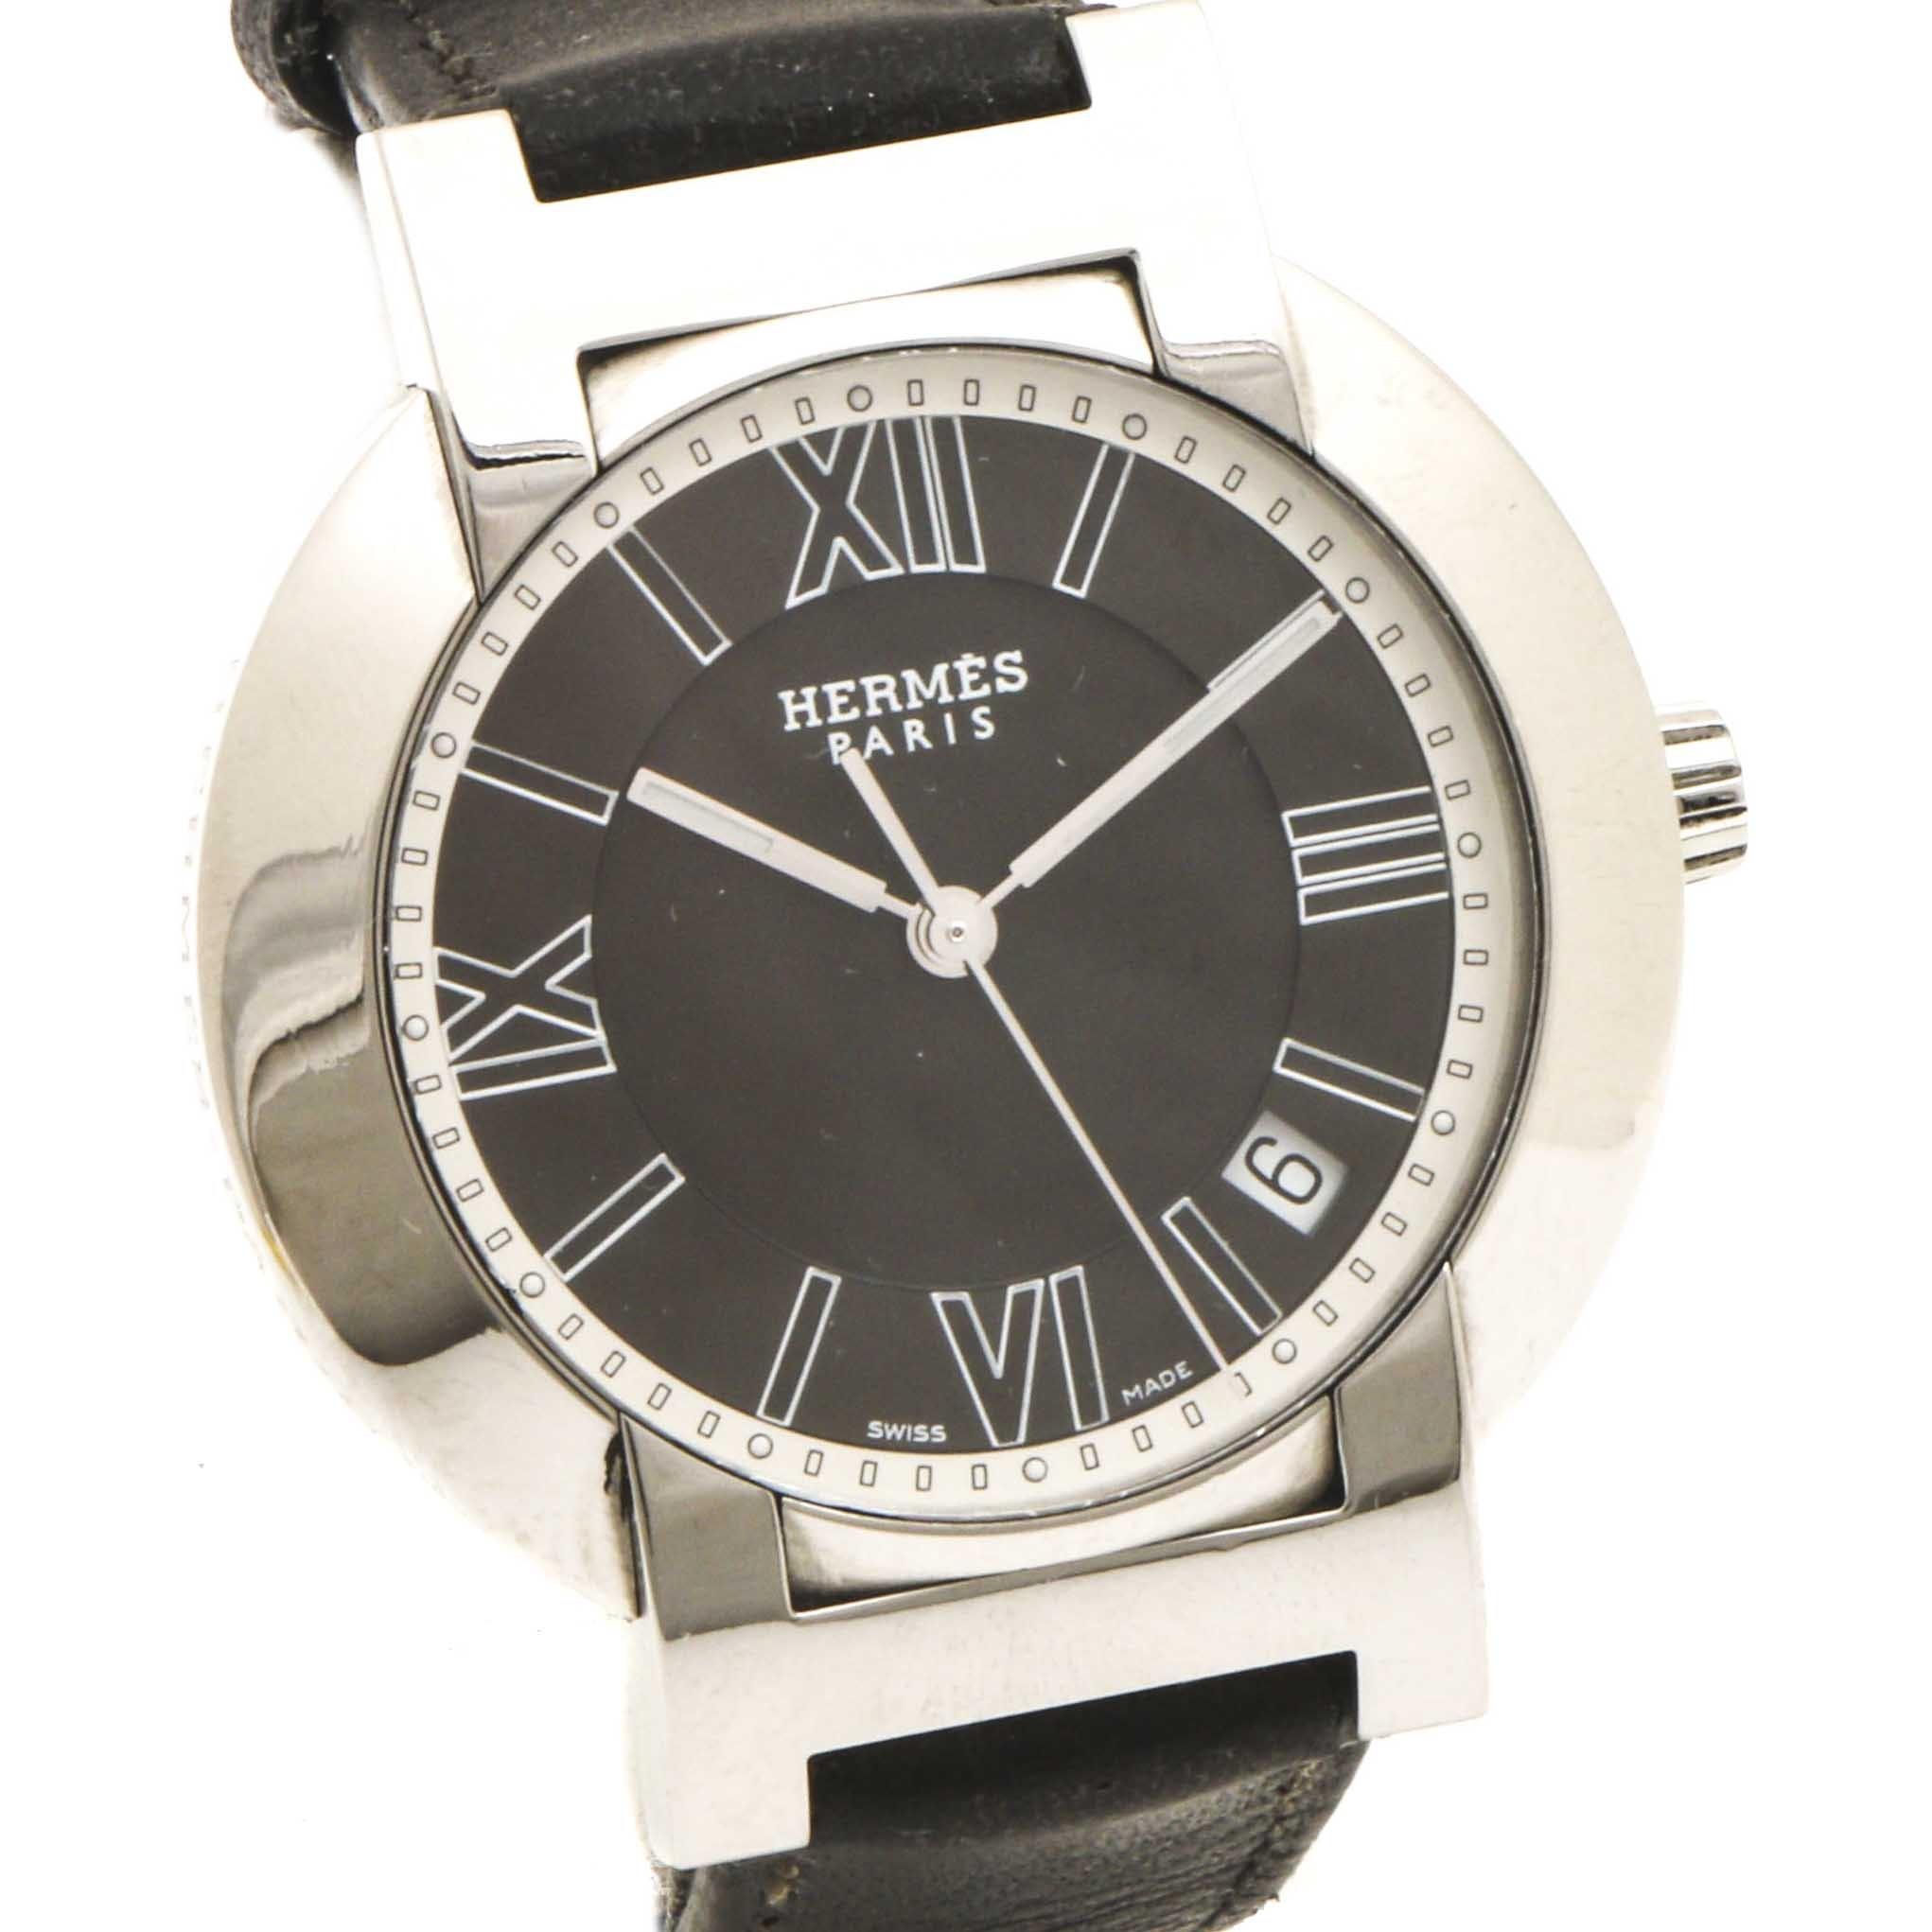 Hermès Swiss Made Stainless Steel Wristwatch